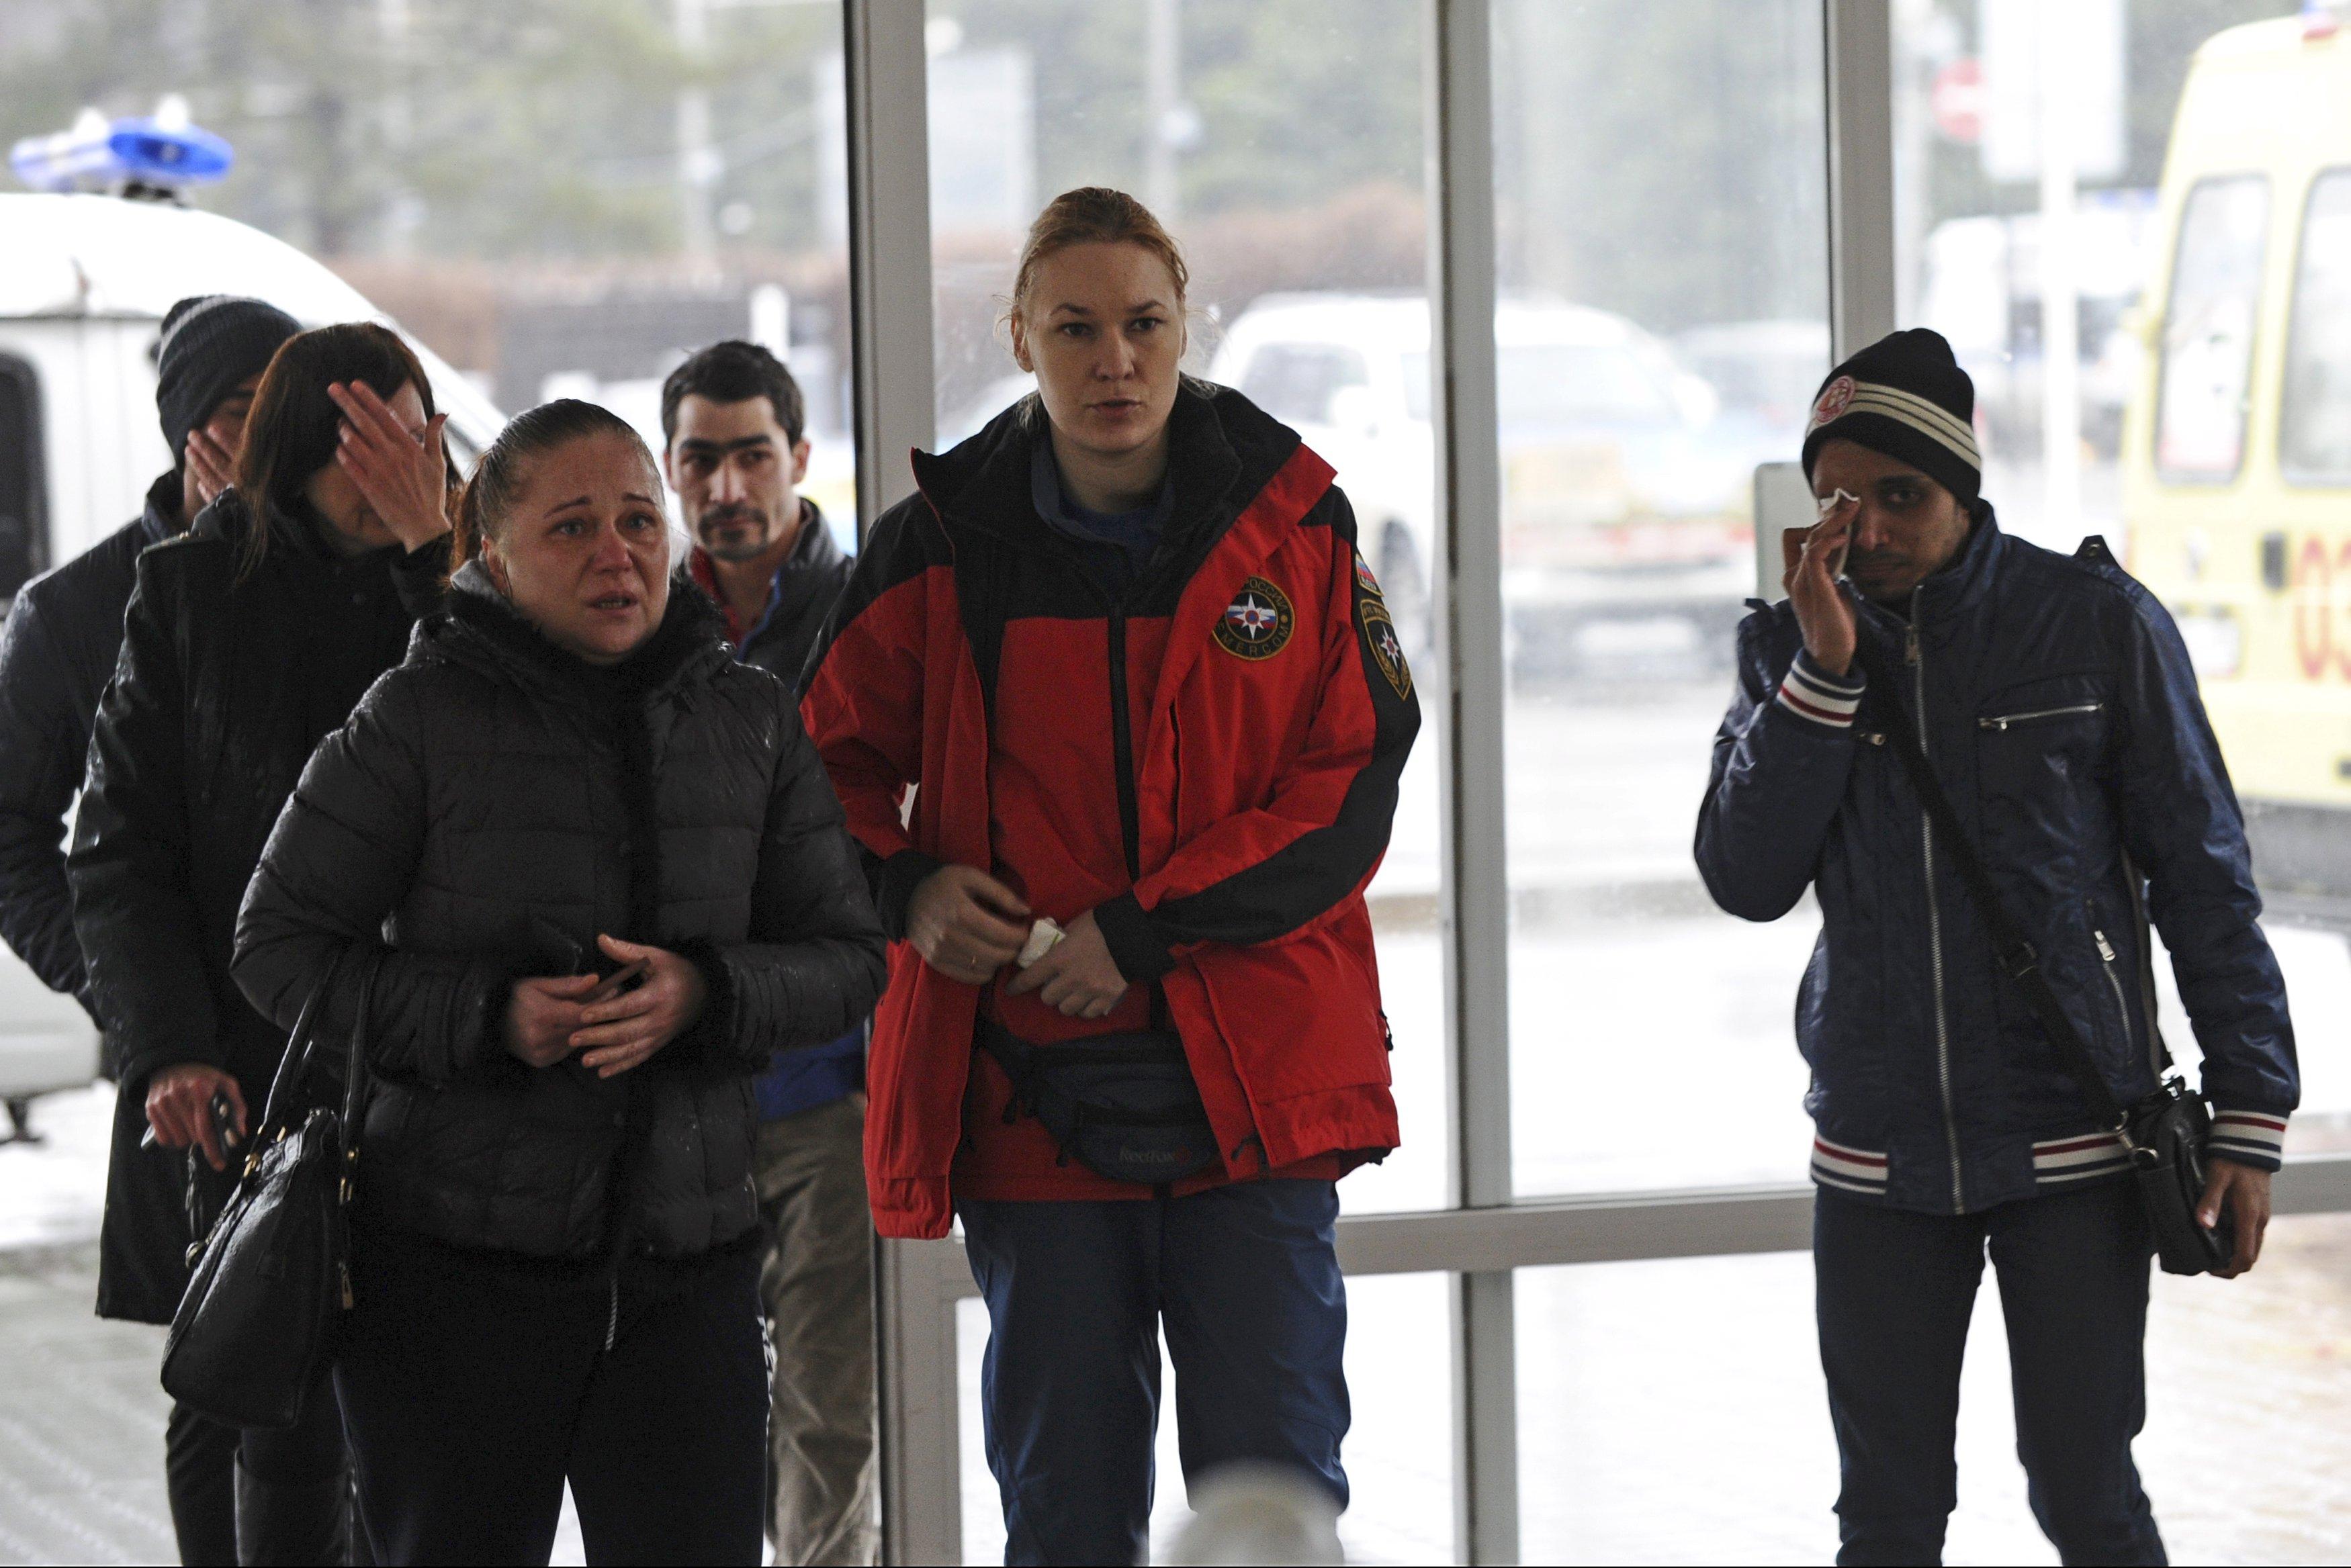 В аэропорту Ростова-на-Дону разбился самолет авиакомпании FlyDubai